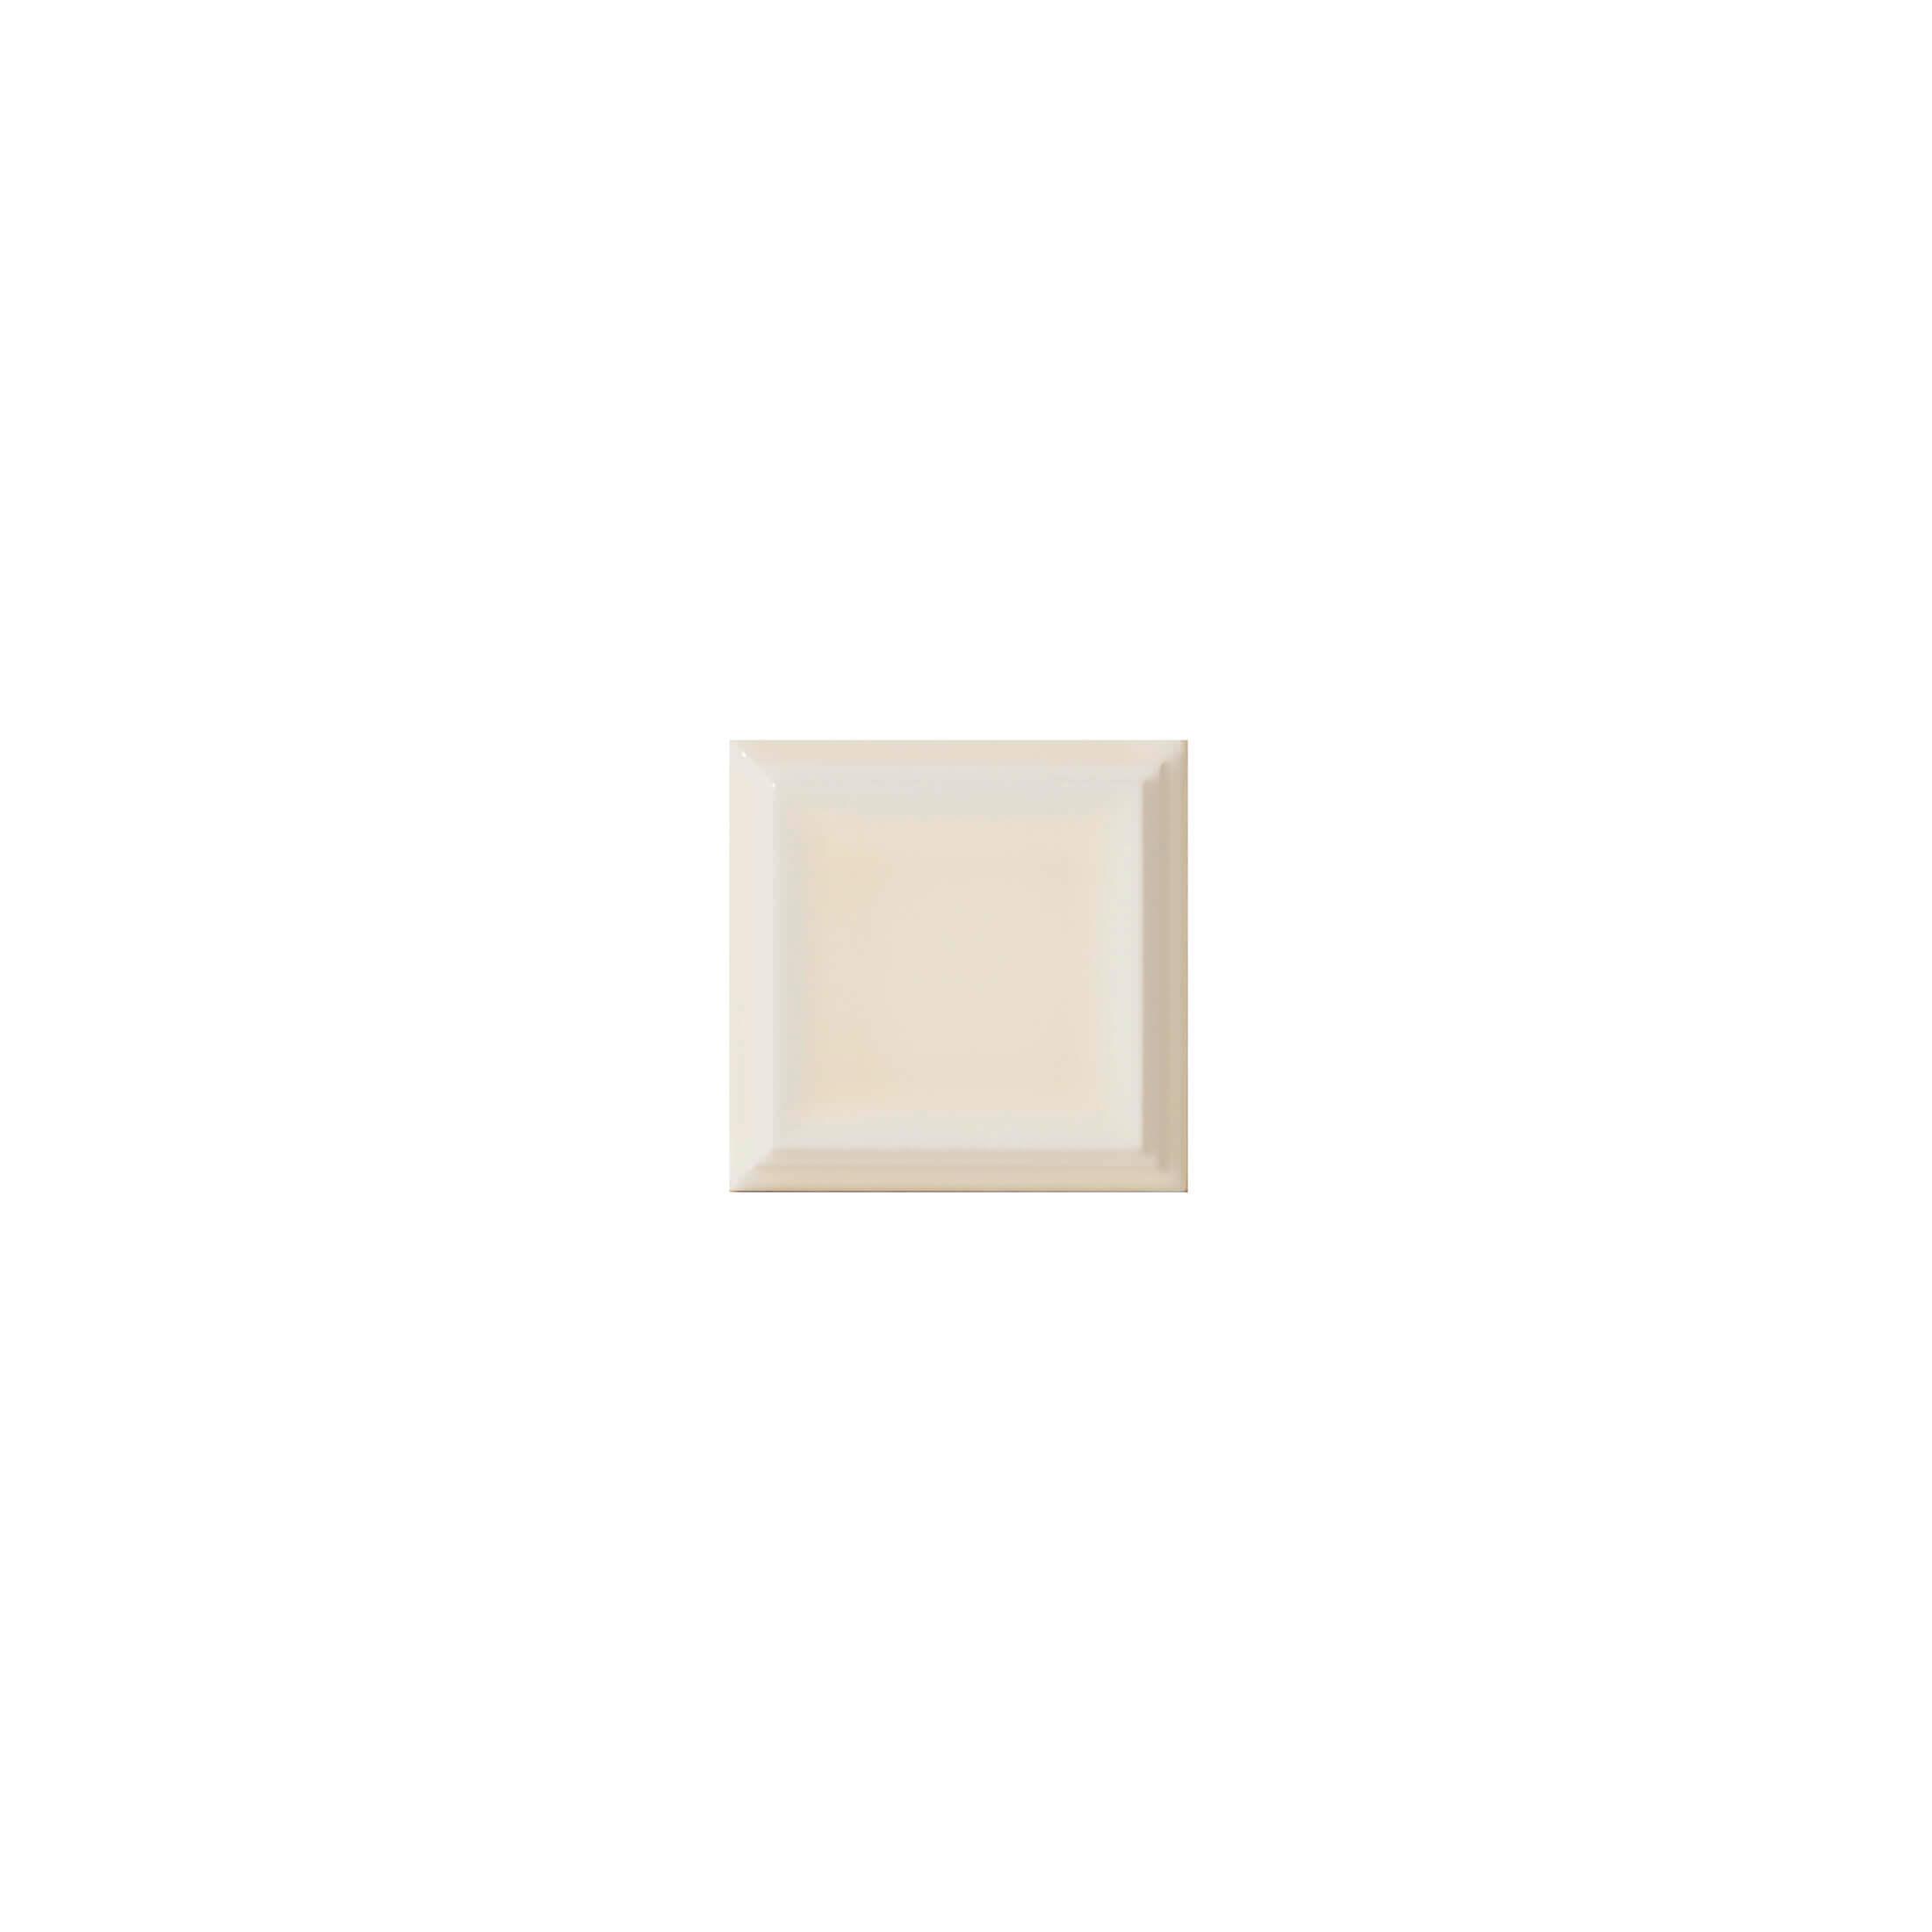 ADST1067 - LISO FRAMED - 7.3 cm X 7.3 cm